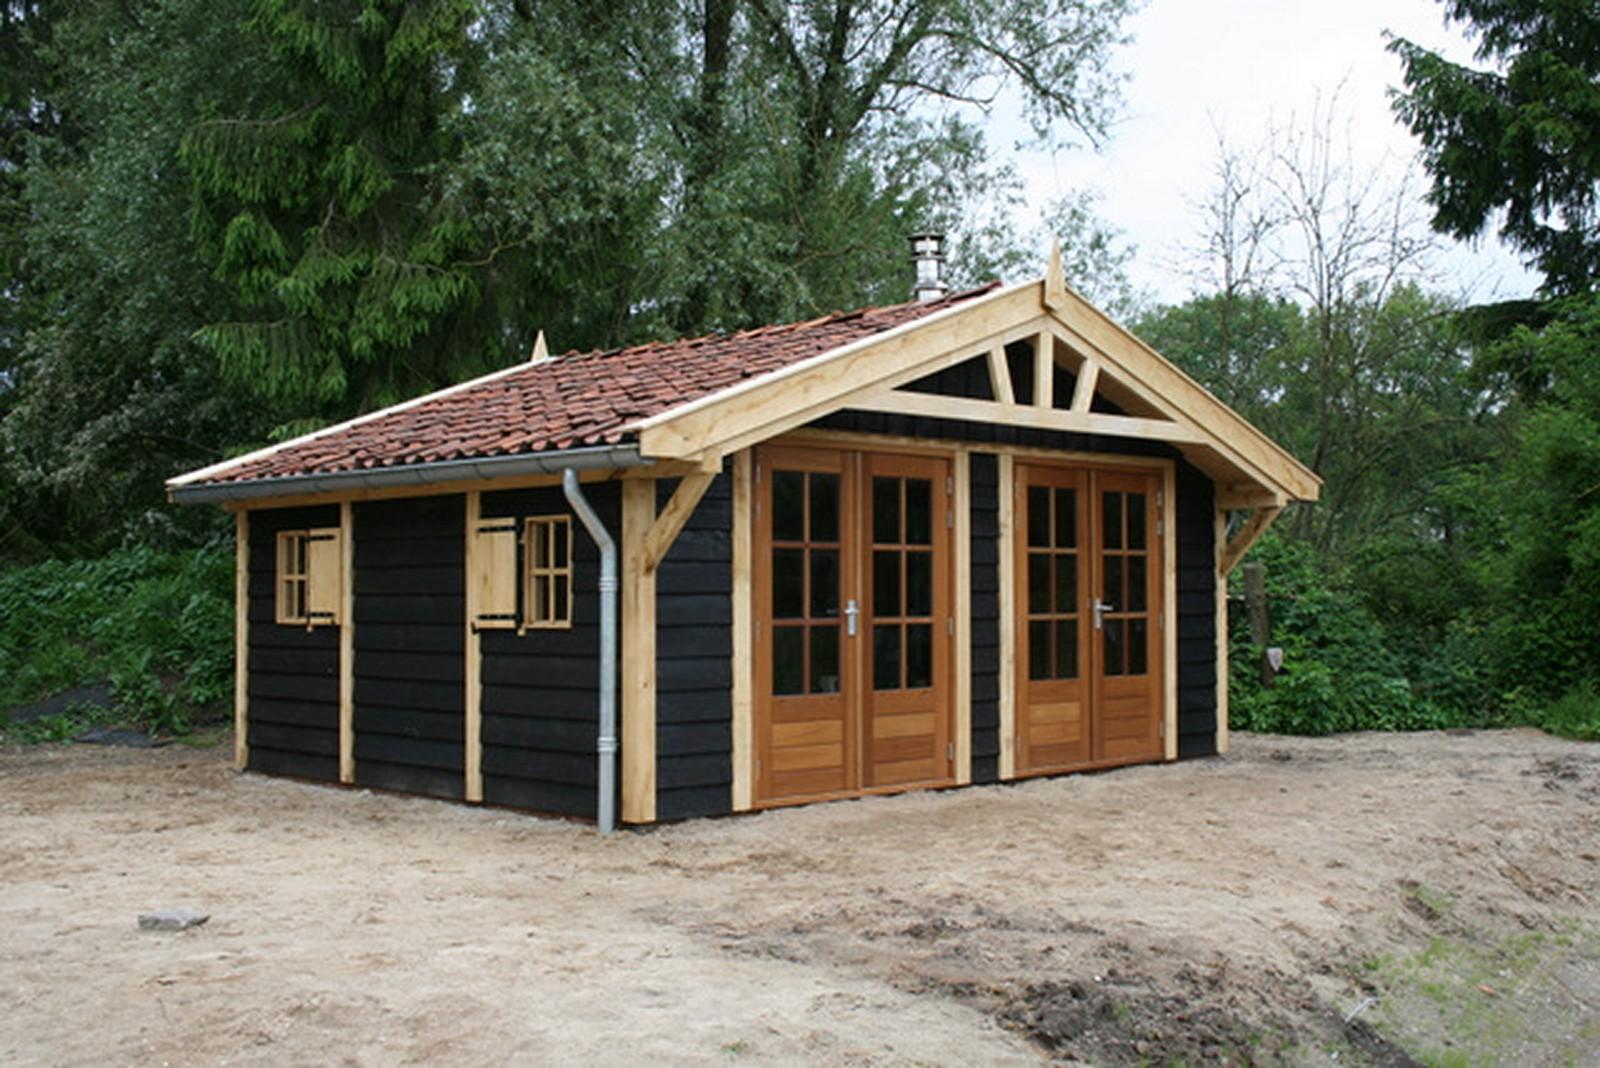 Robuuste_tuinhuis - Houten tuinpaviljoen 'Quendalure'